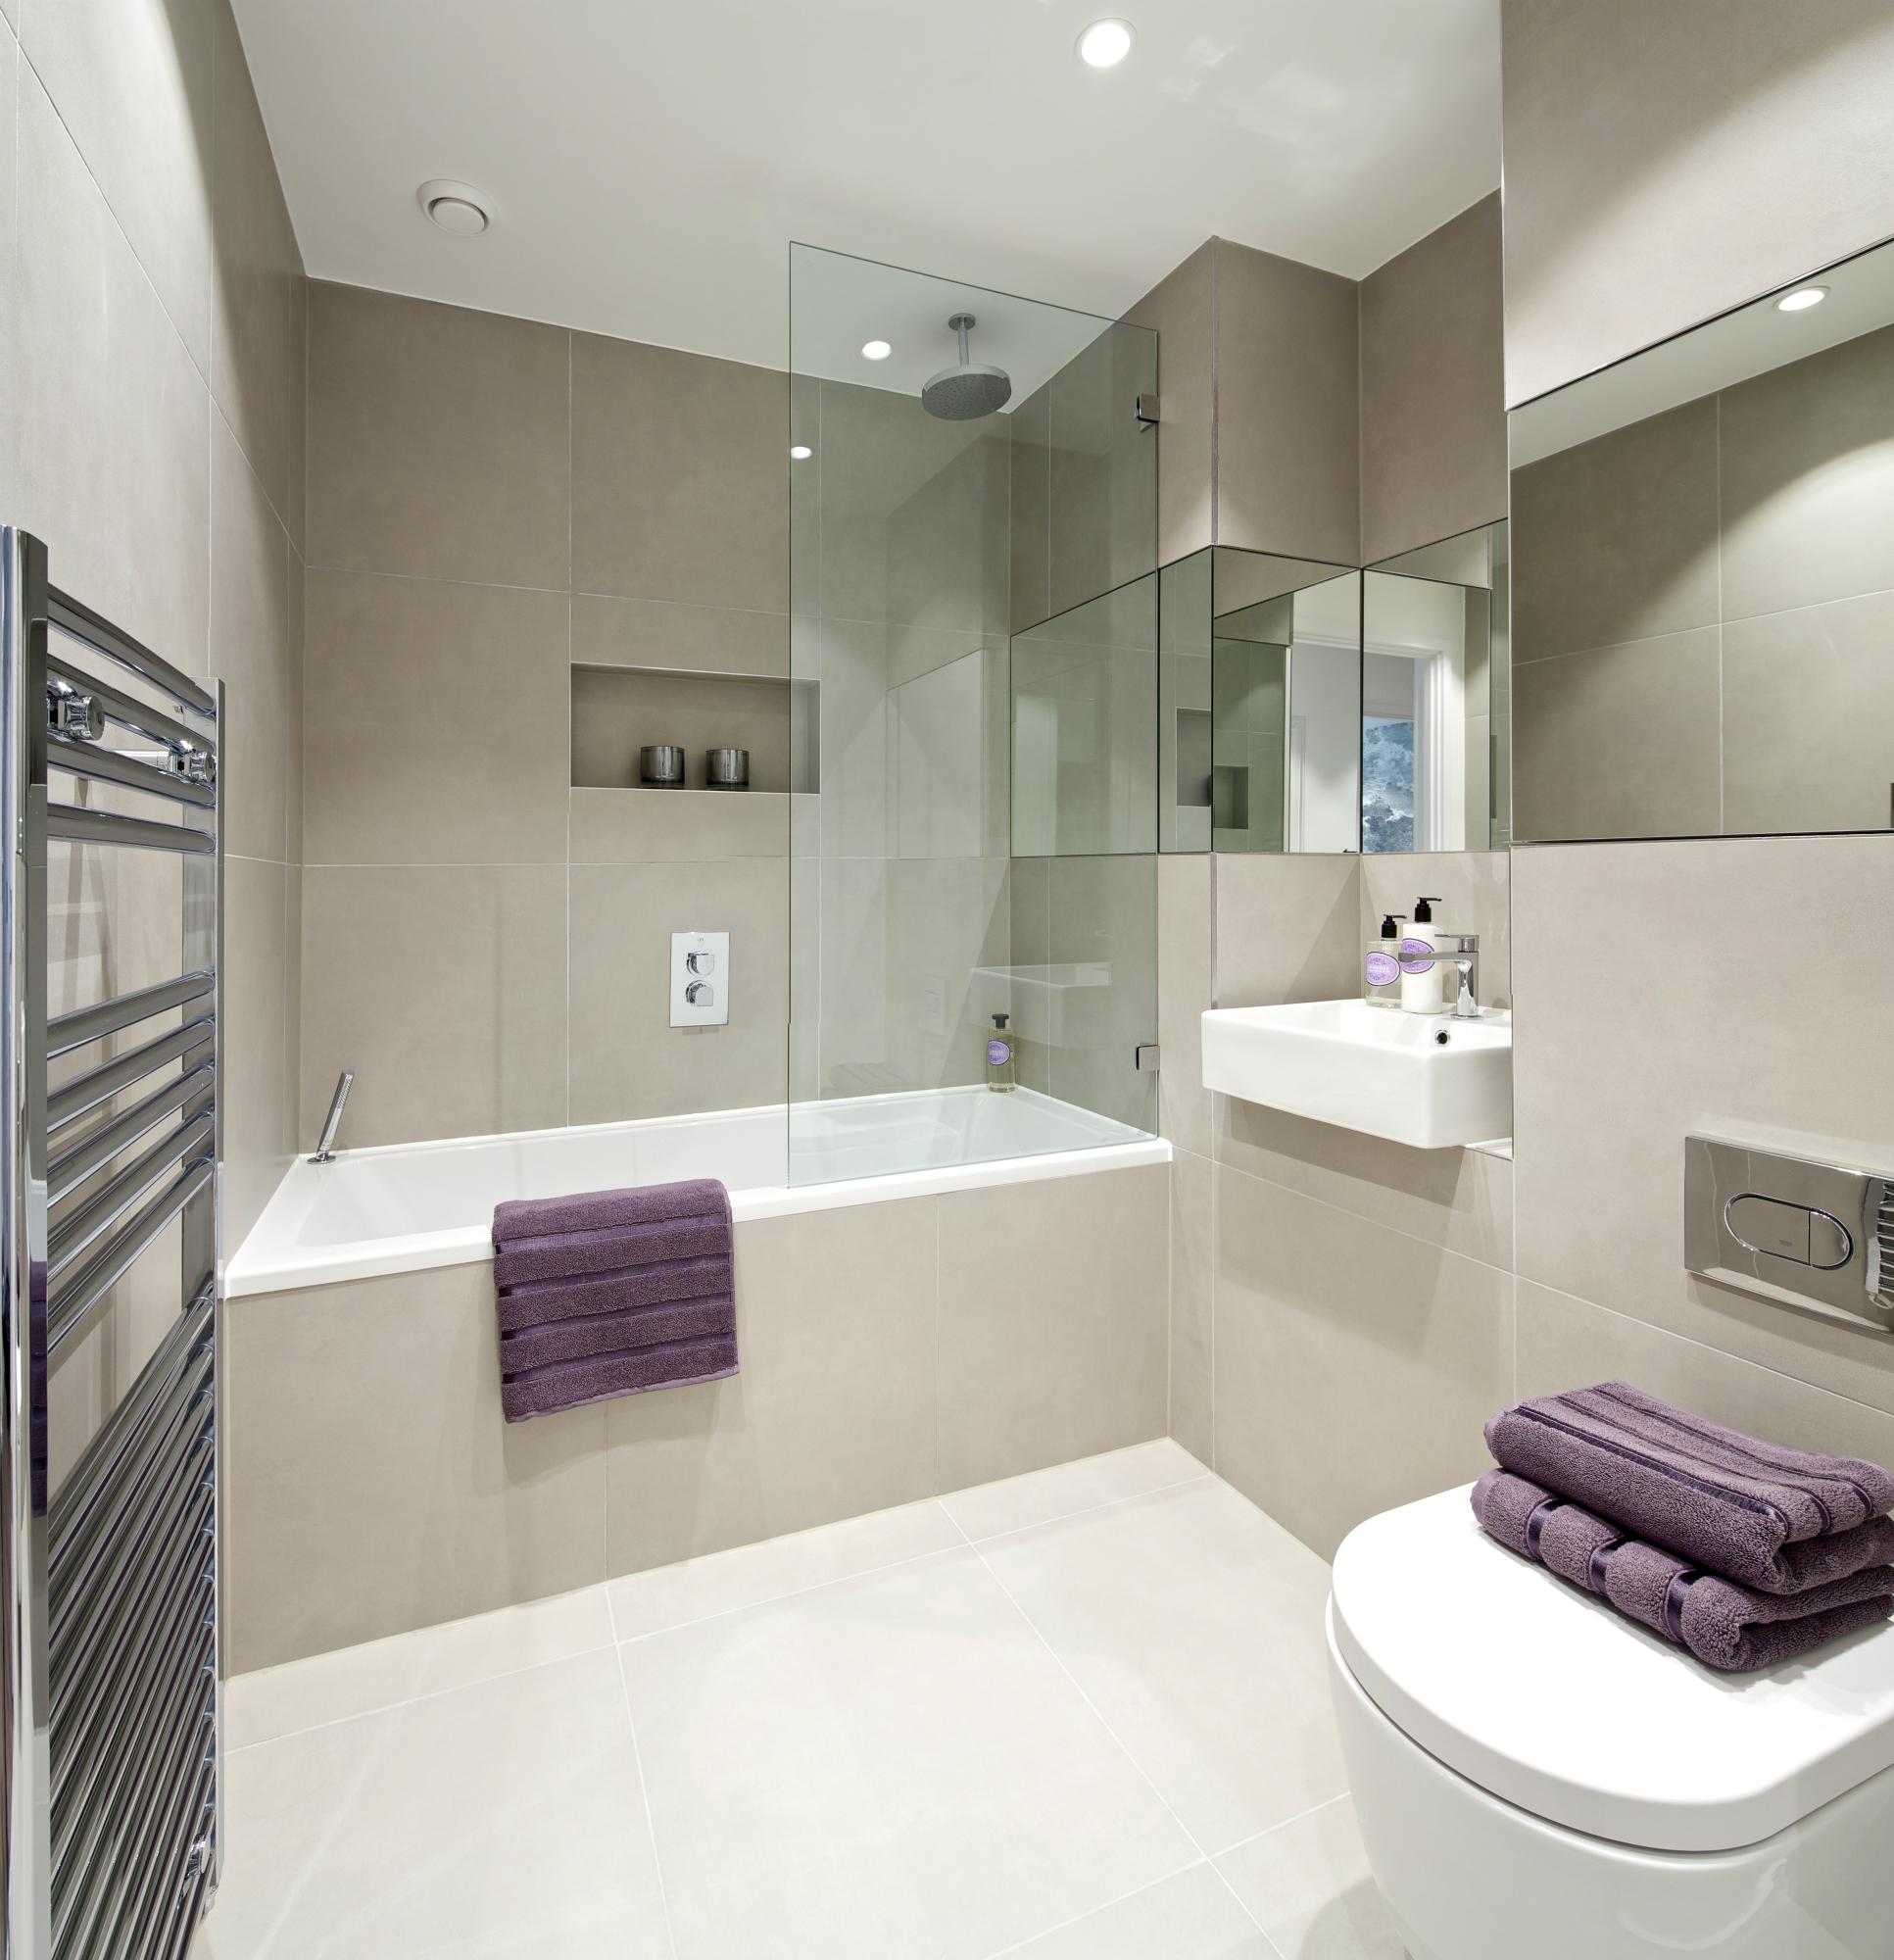 Home bathroom designs | Hawk Haven